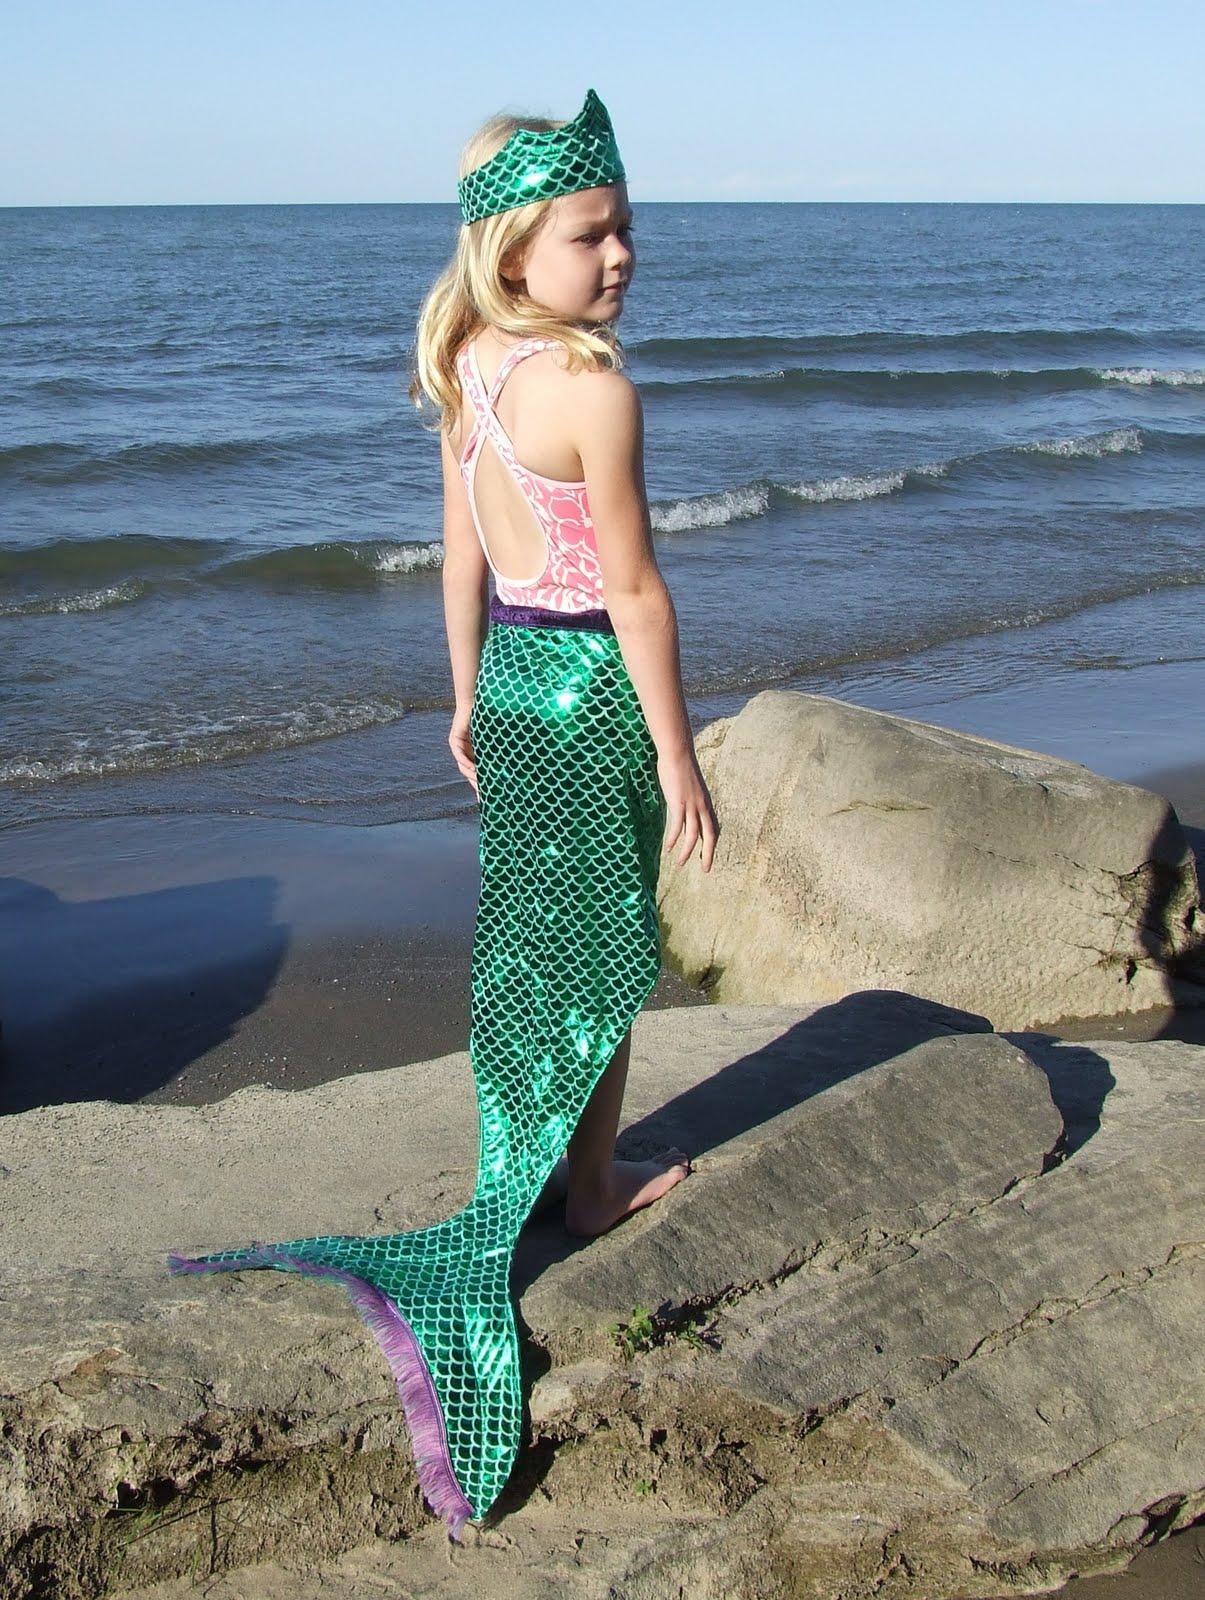 how to make a homemade mermaid tail costume